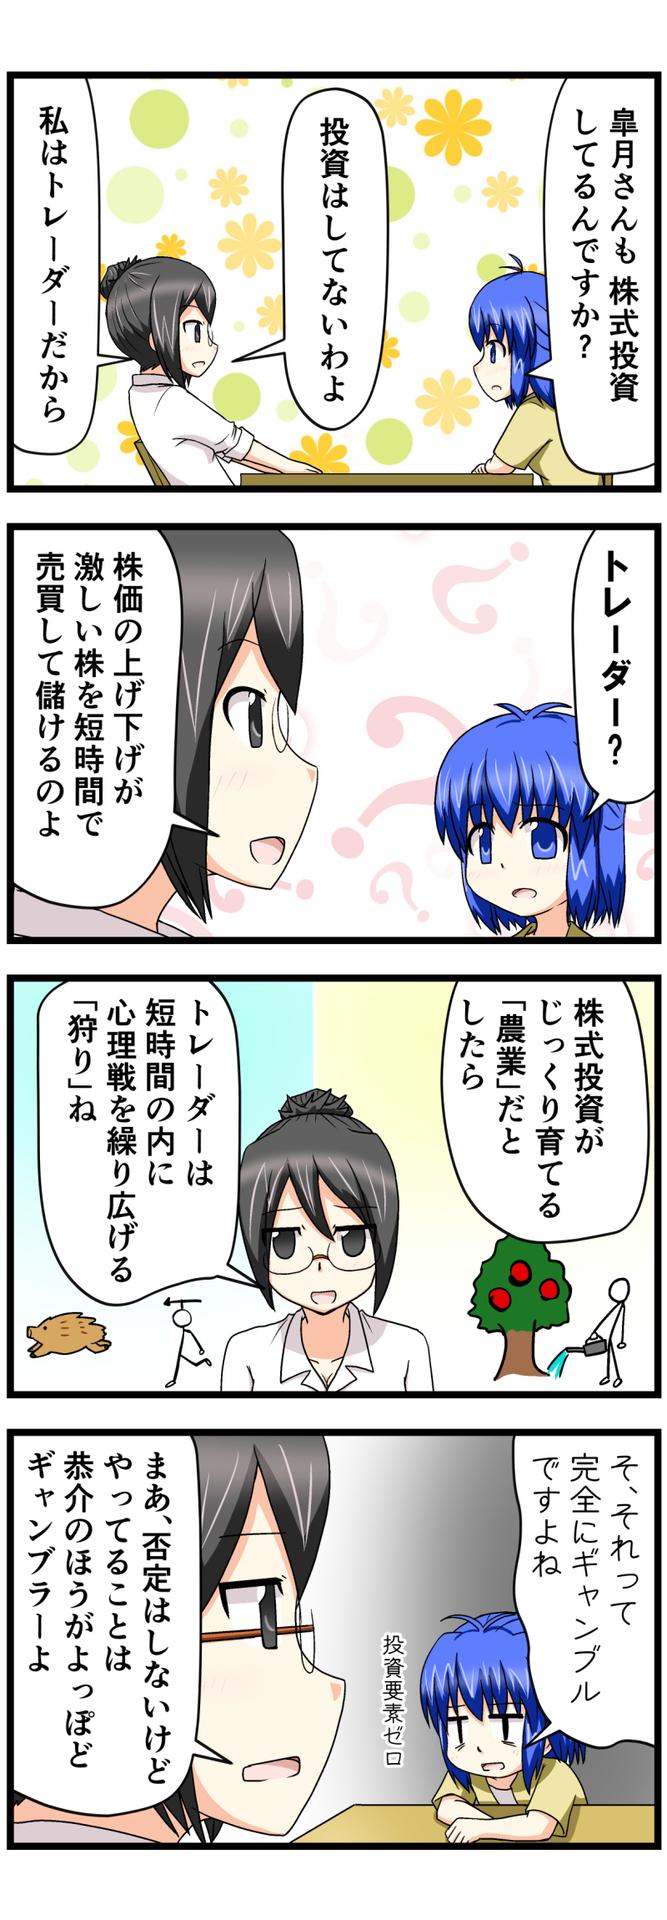 萌える株セミナー13.jpg